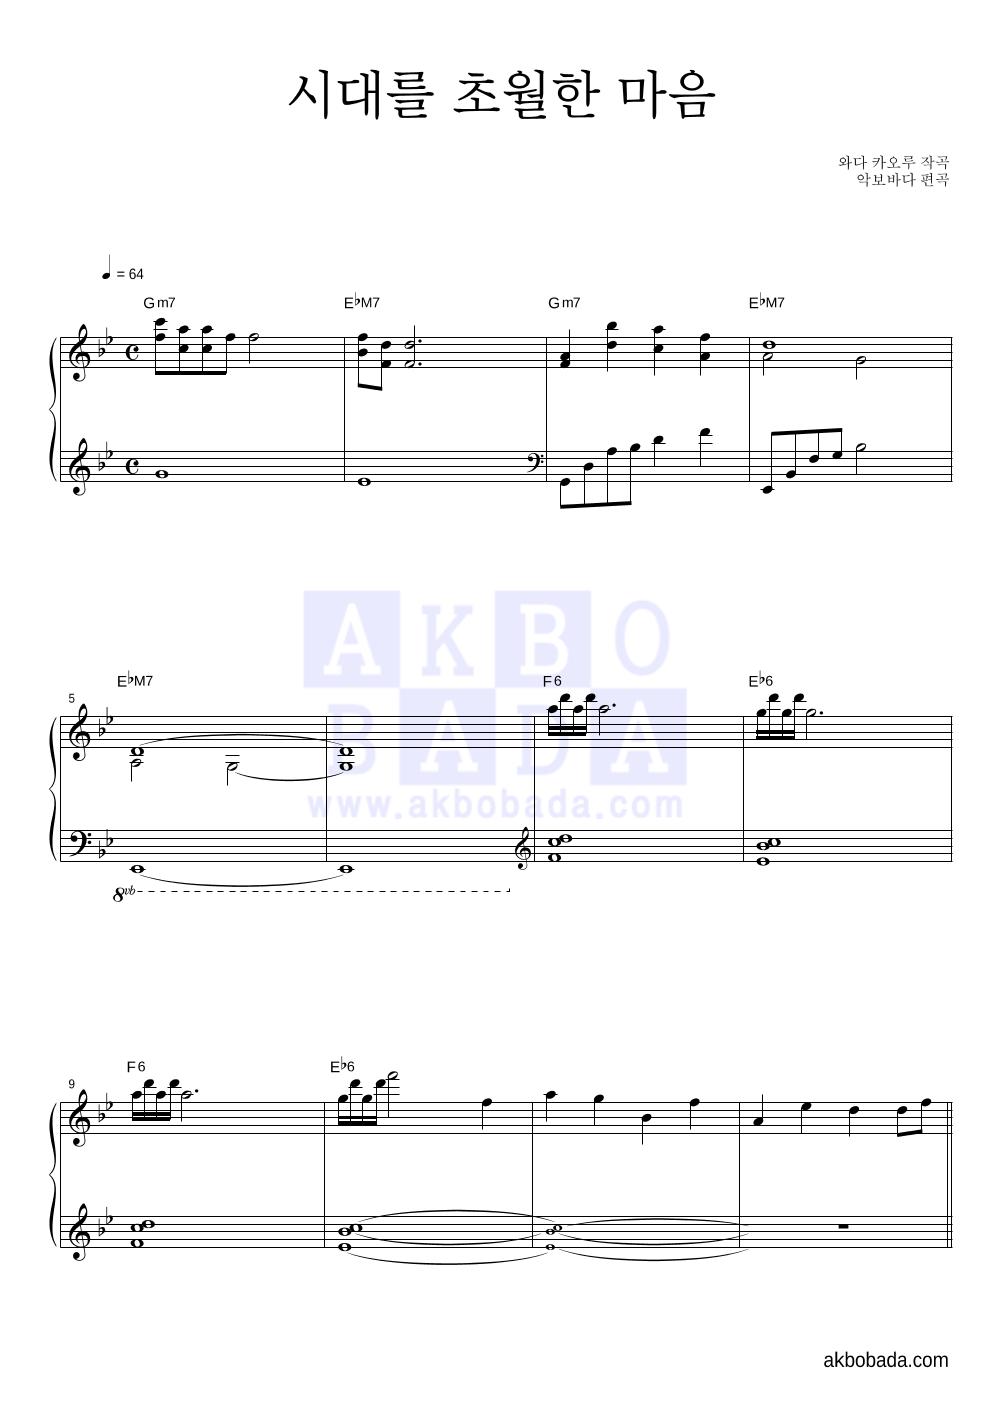 이누야사 OST - 시대를 초월한 마음 피아노 마스터 악보